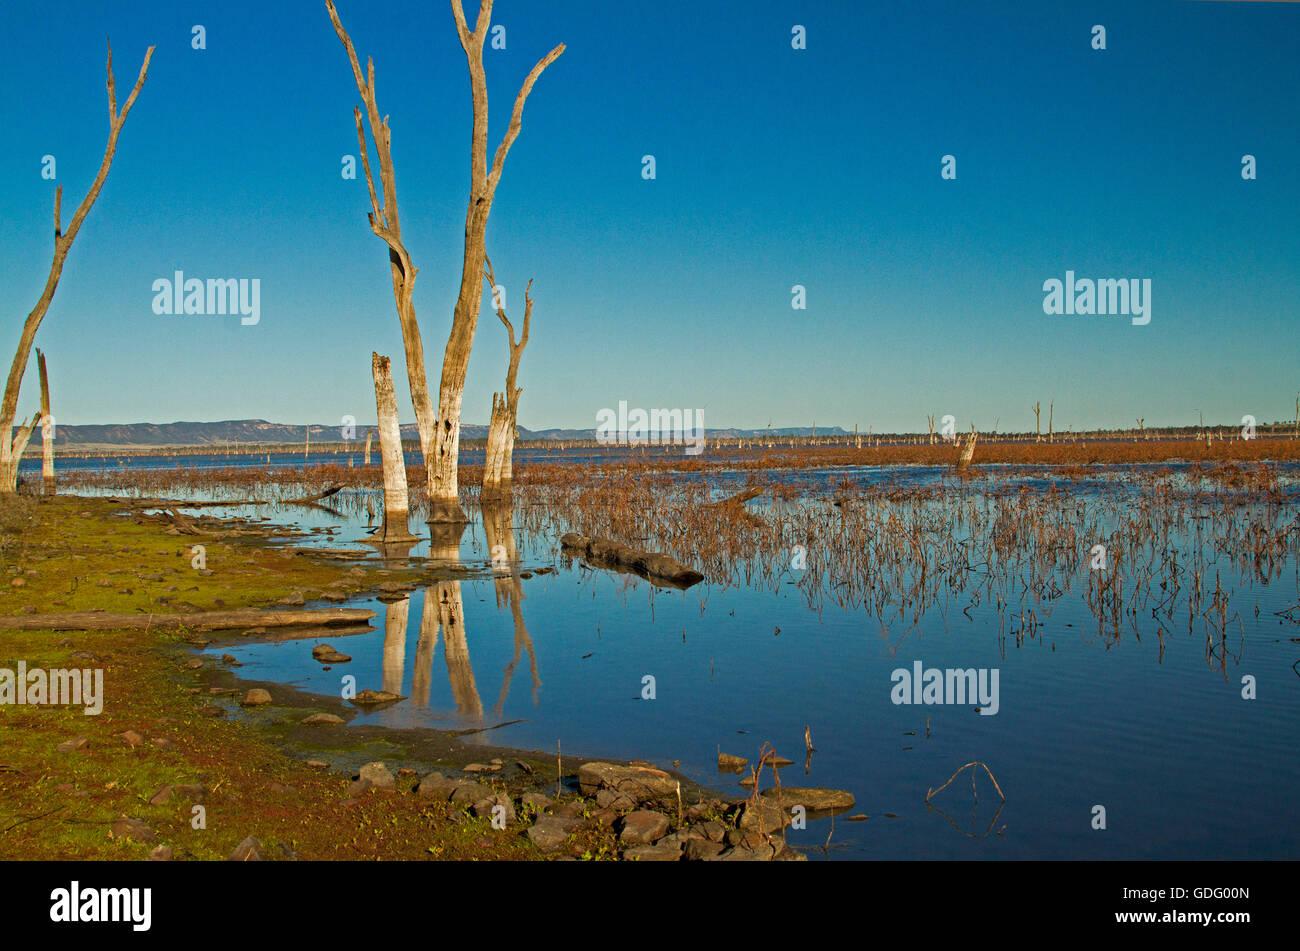 Gran tranquilas aguas azules del lago Nuga Nuga con árboles muertos se refleja en la superficie del espejo Imagen De Stock